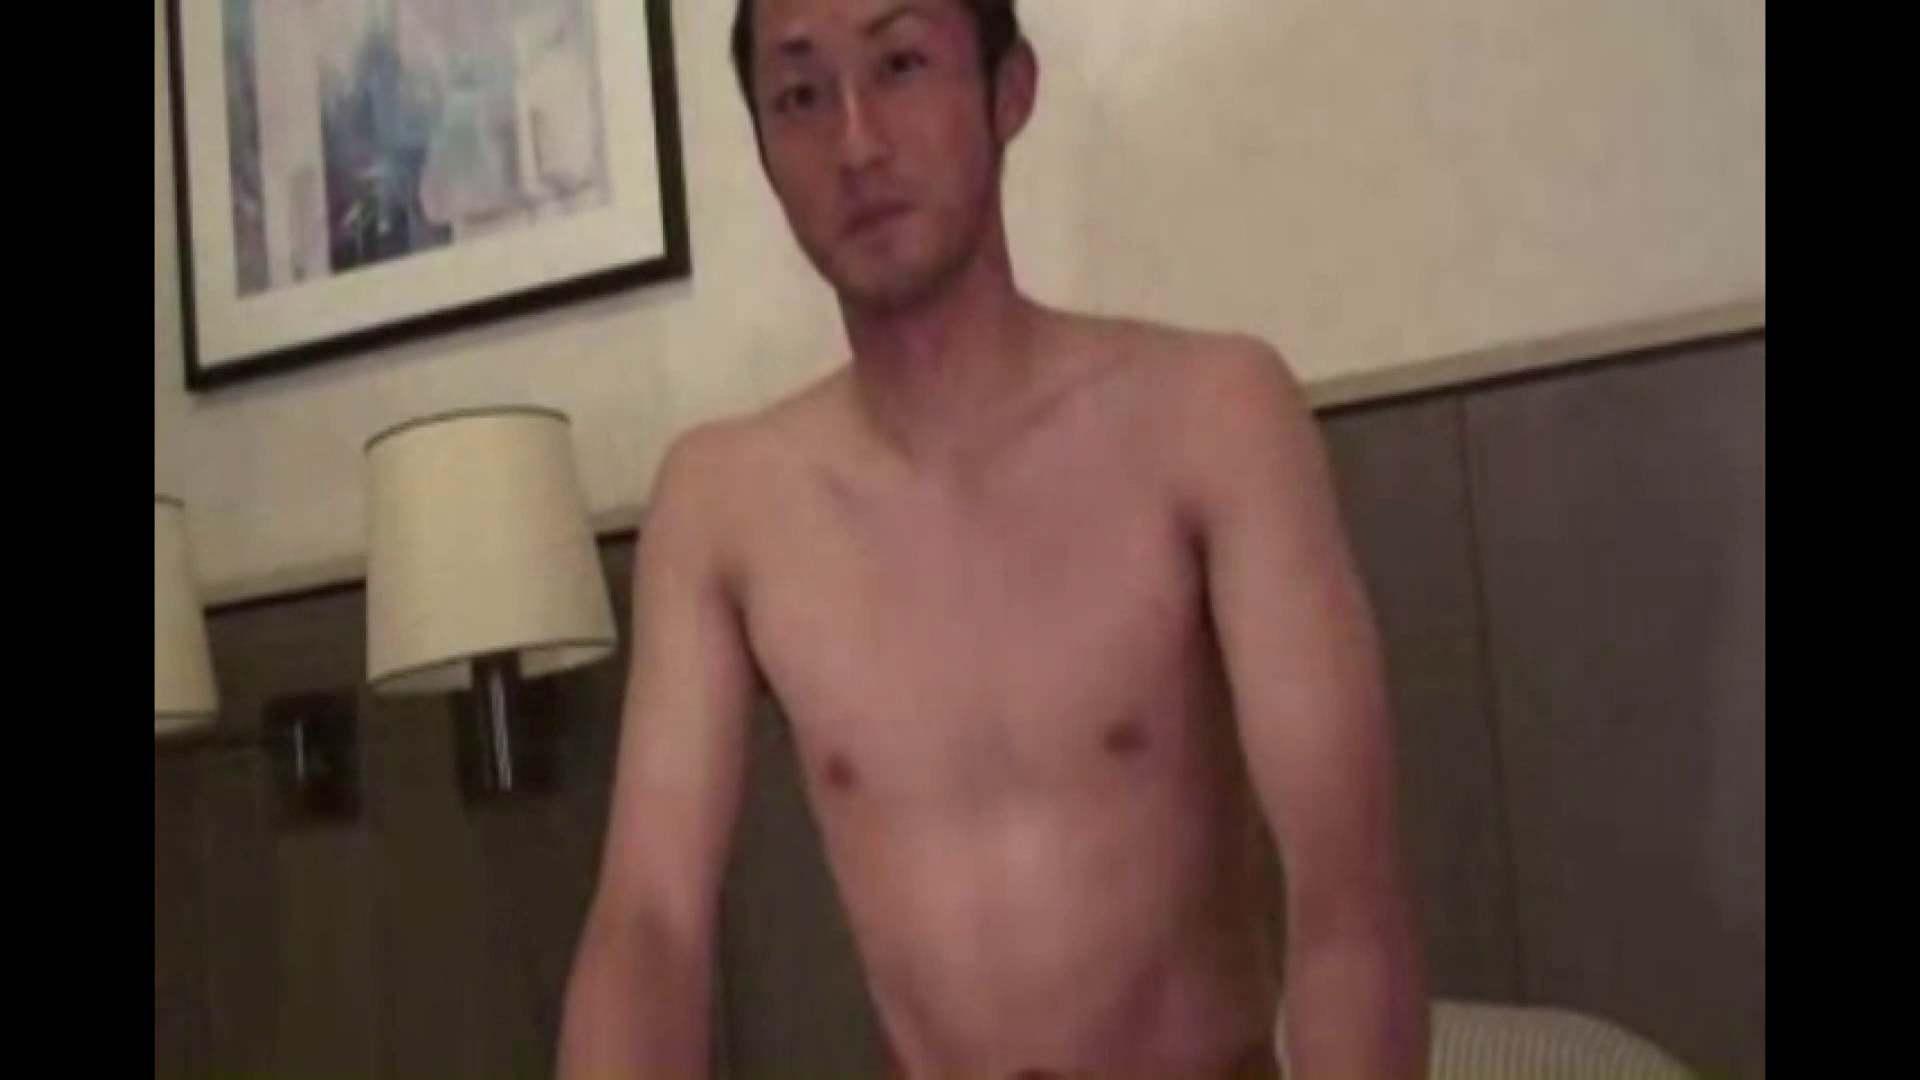 ノンケイケメンの欲望と肉棒 Vol.4 肉   ノンケボーイズ  52pic 1